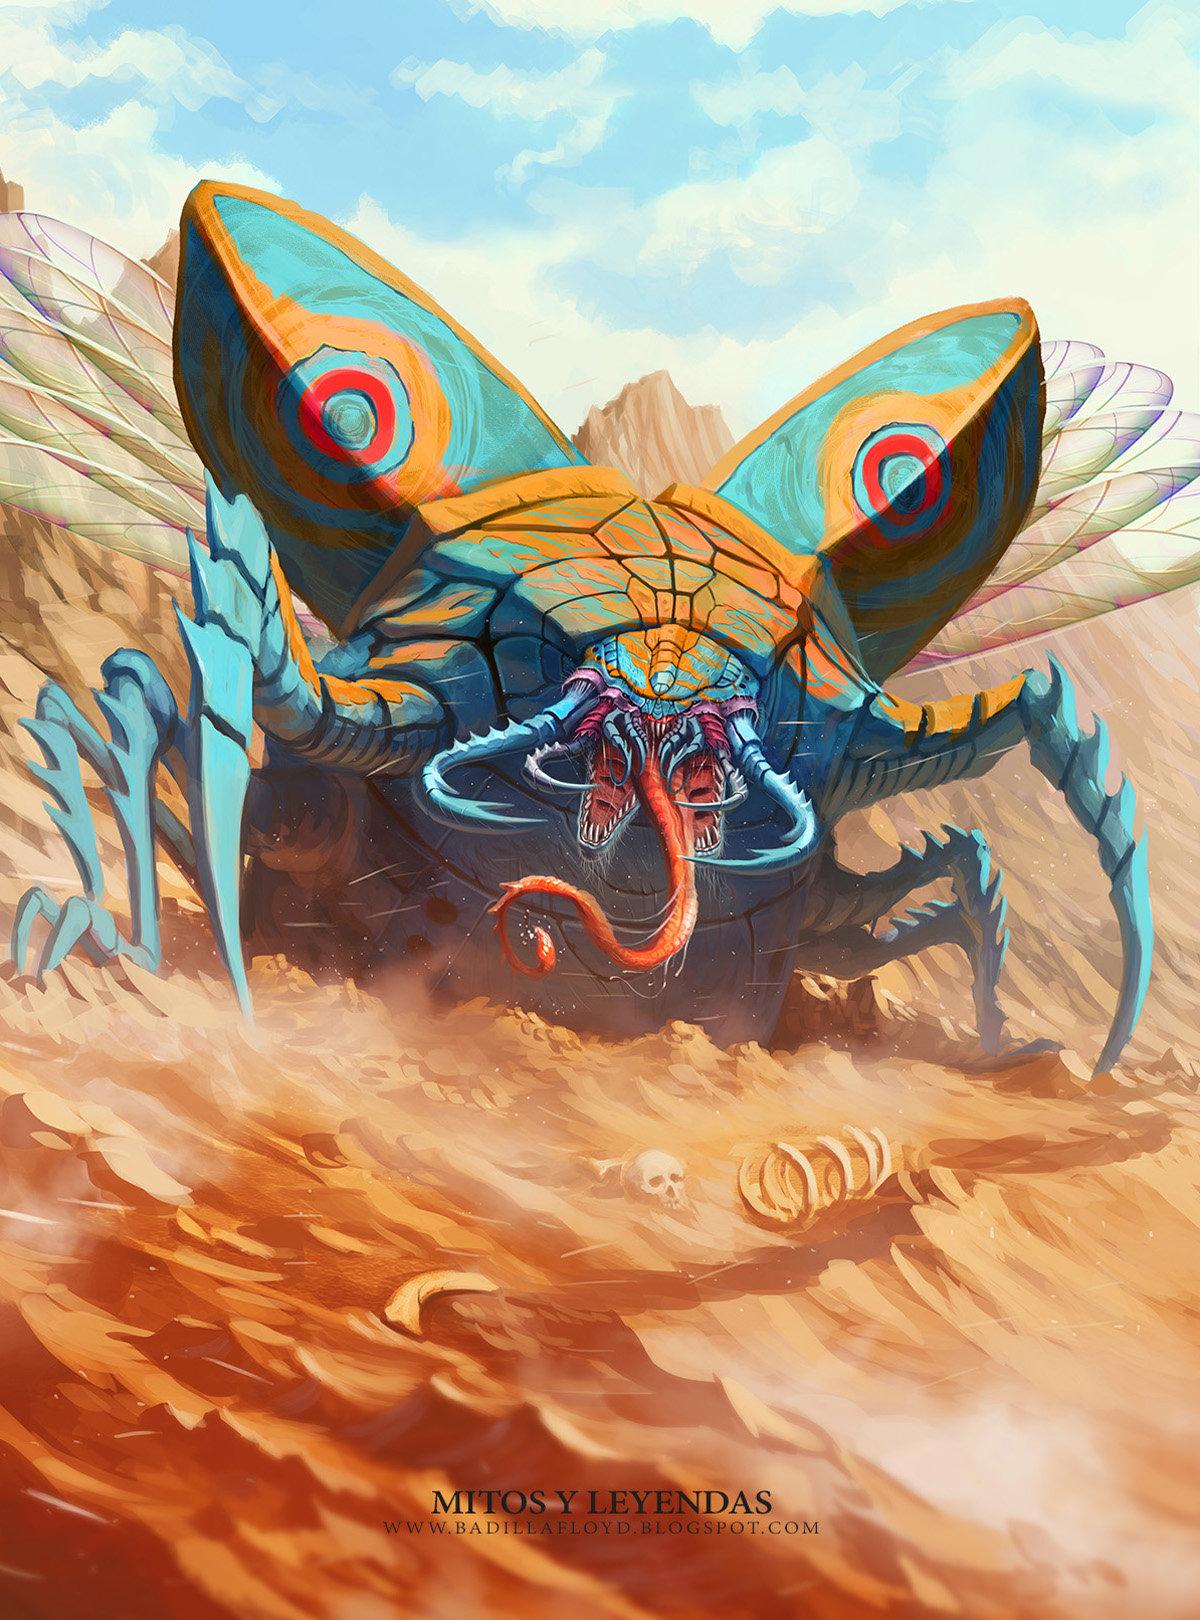 Francisco badilla escarabajo gigante